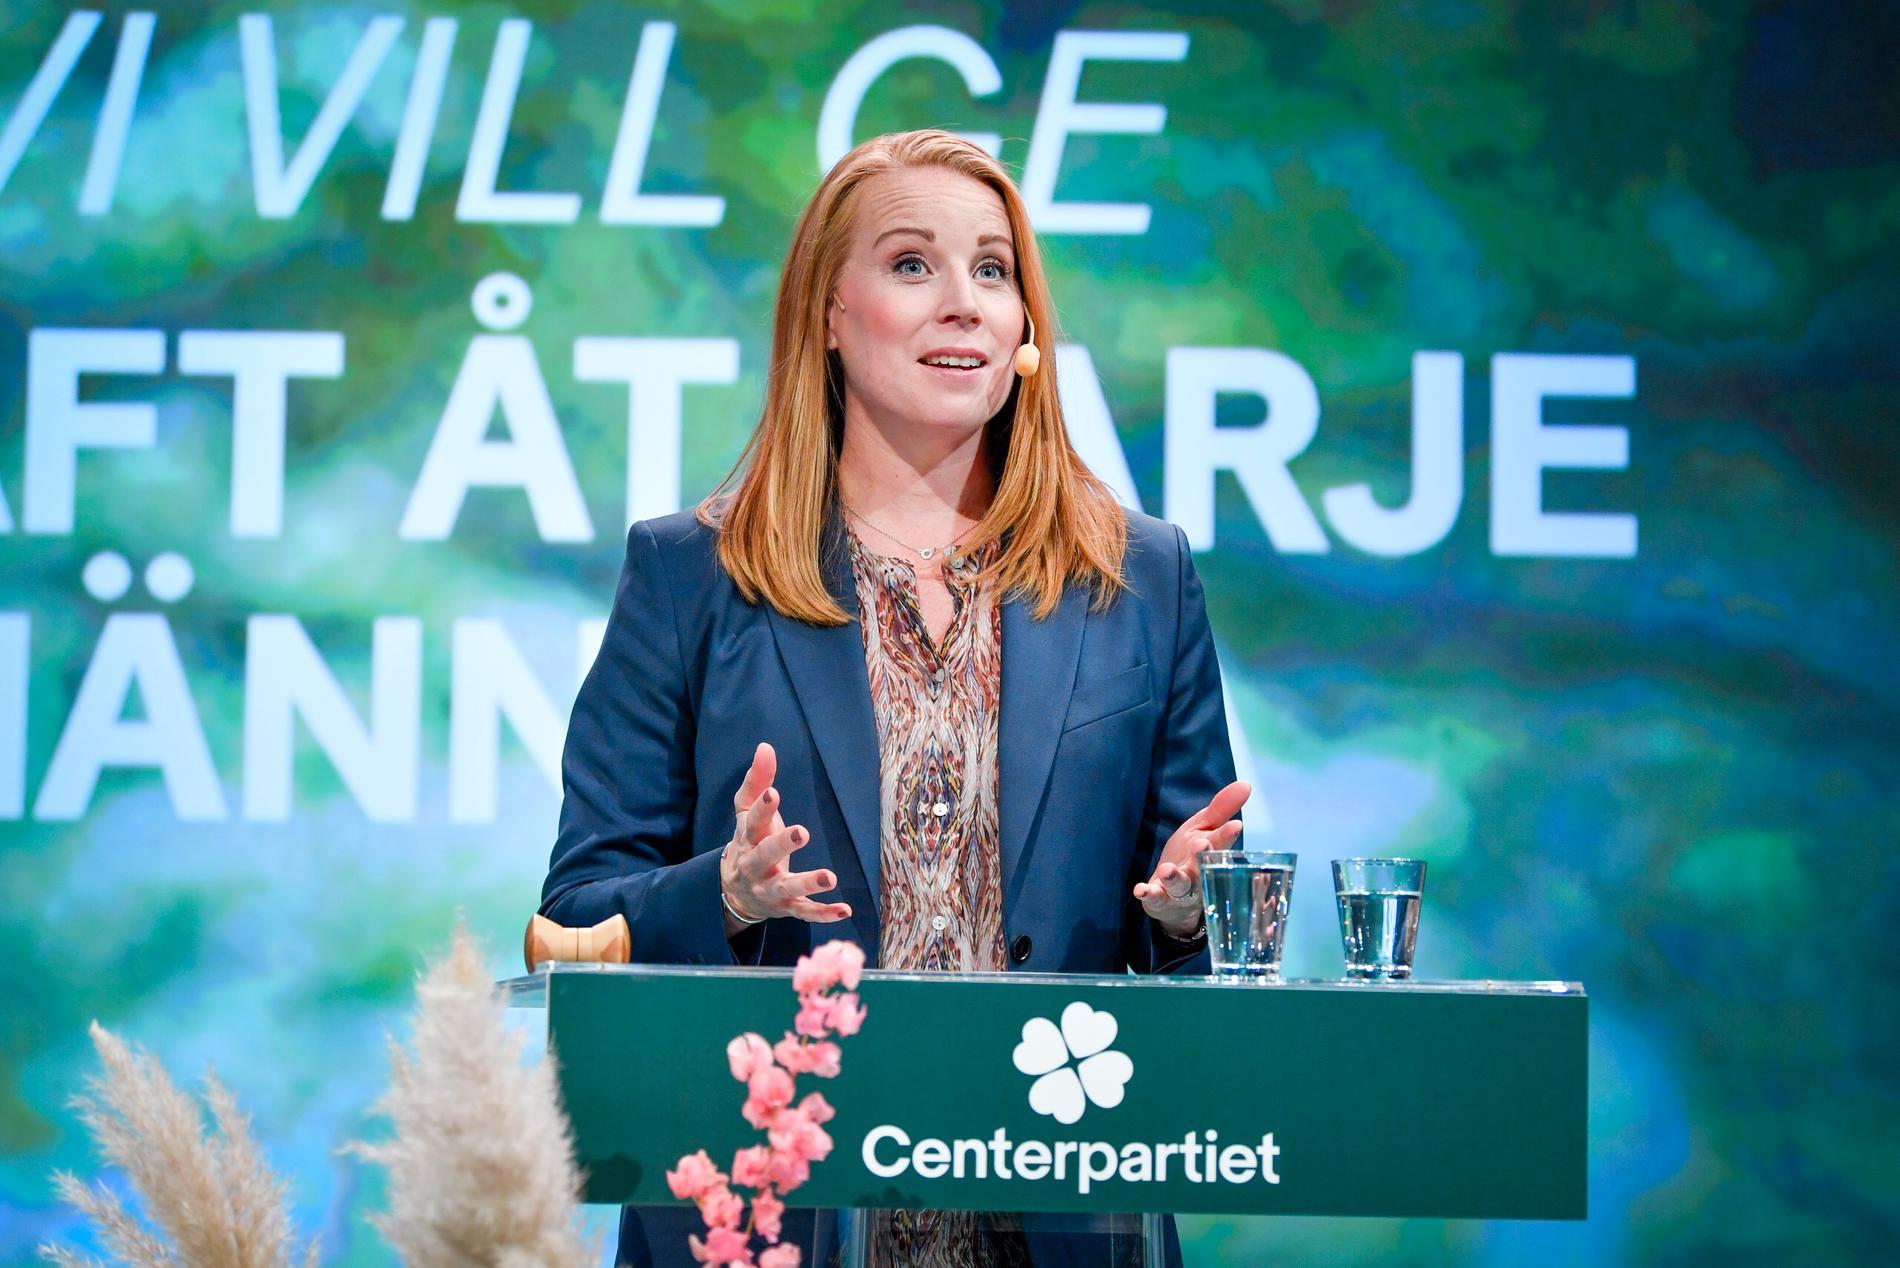 Partiledare Annie Lööf kunde konstatera att stämman inte bjöd på några allvarliga överraskningar när den avslutades.